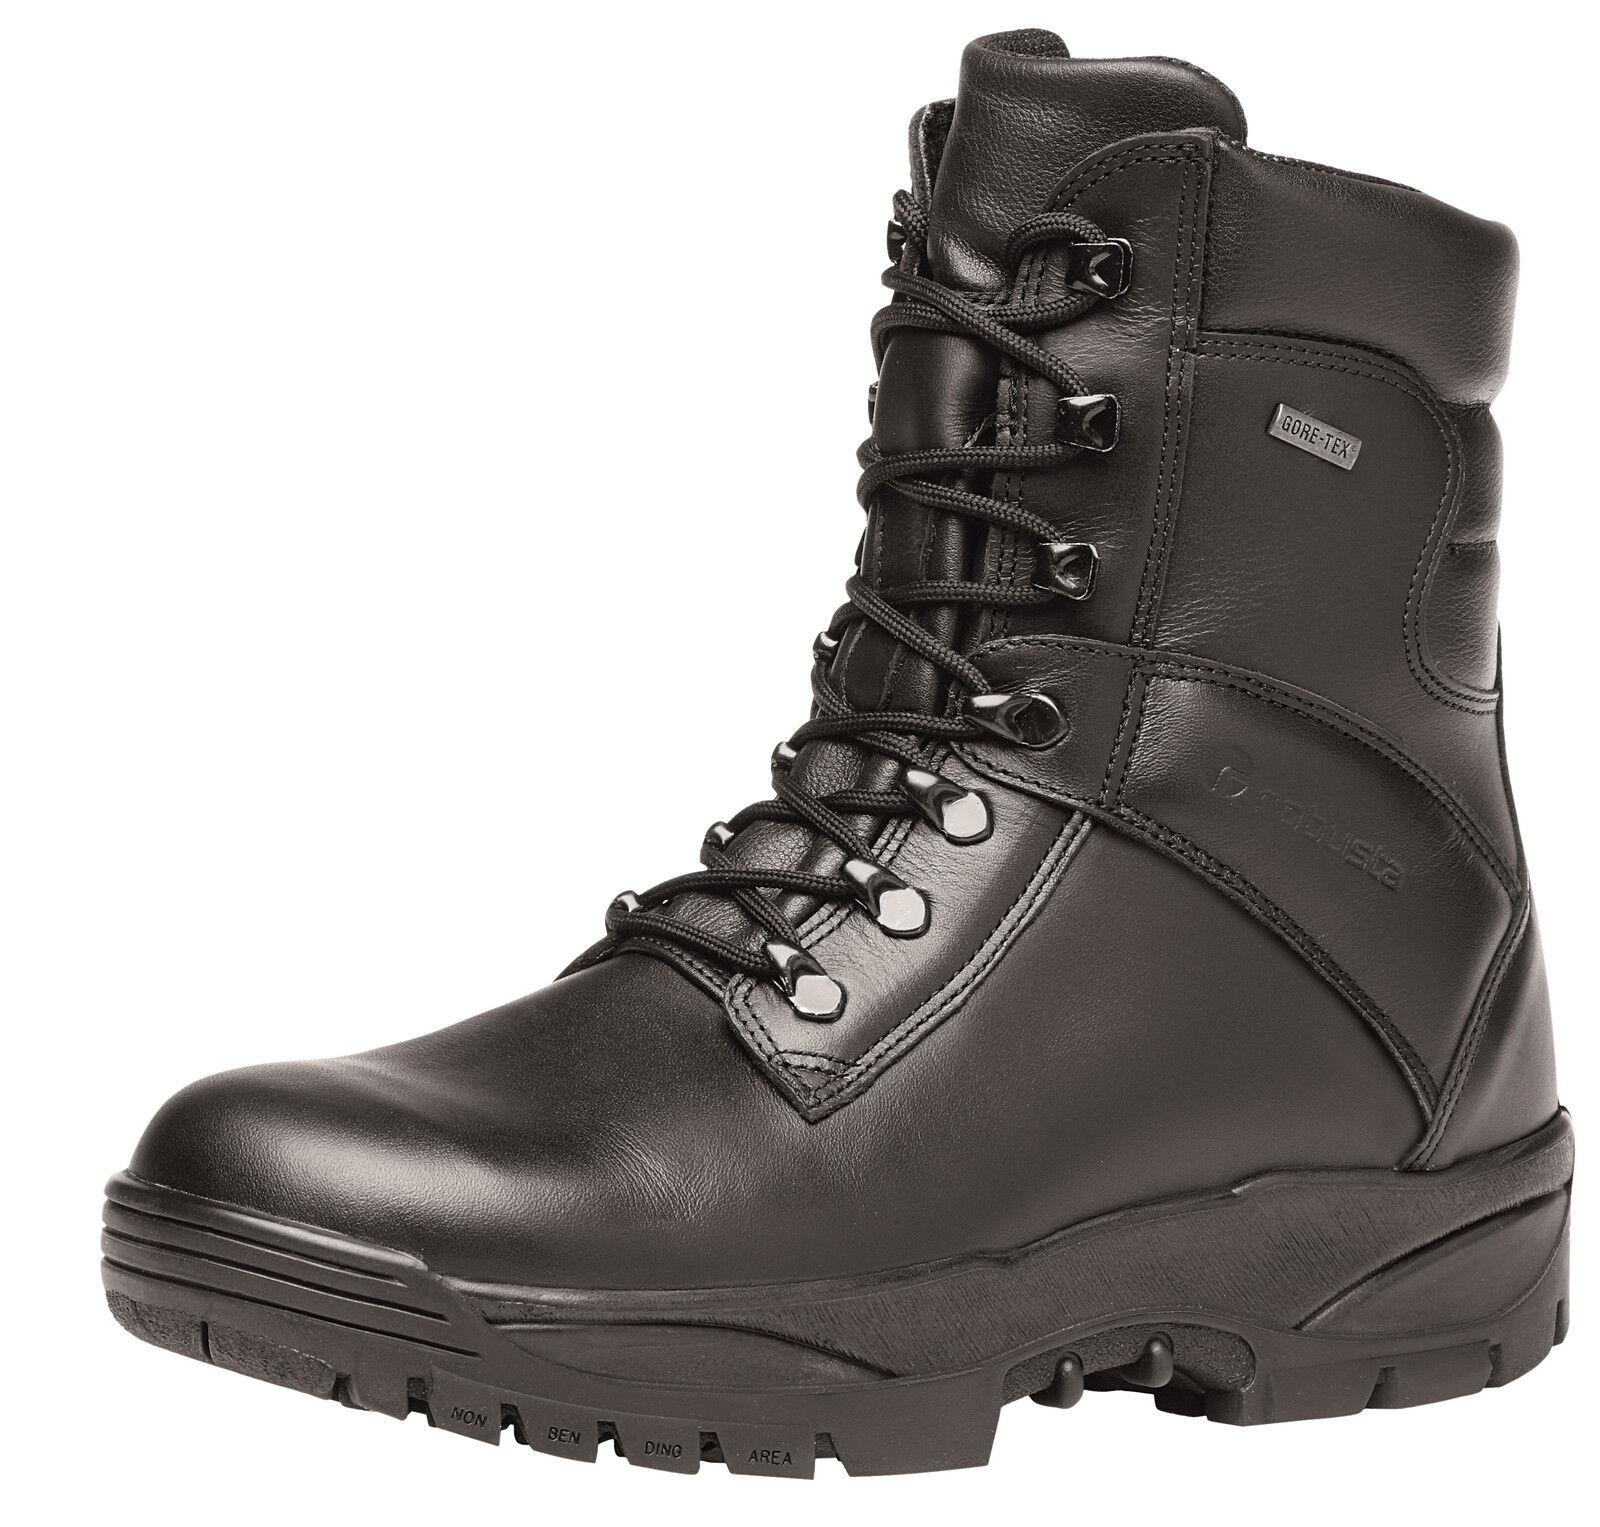 Robusta Circon Gore-Tex Stivale Impermeabile Polizia Militare Cadetto Cadetto Cadetto Stivali di sicurezza | Nuovo Prodotto 2019  | Uomini/Donna Scarpa  d36f08